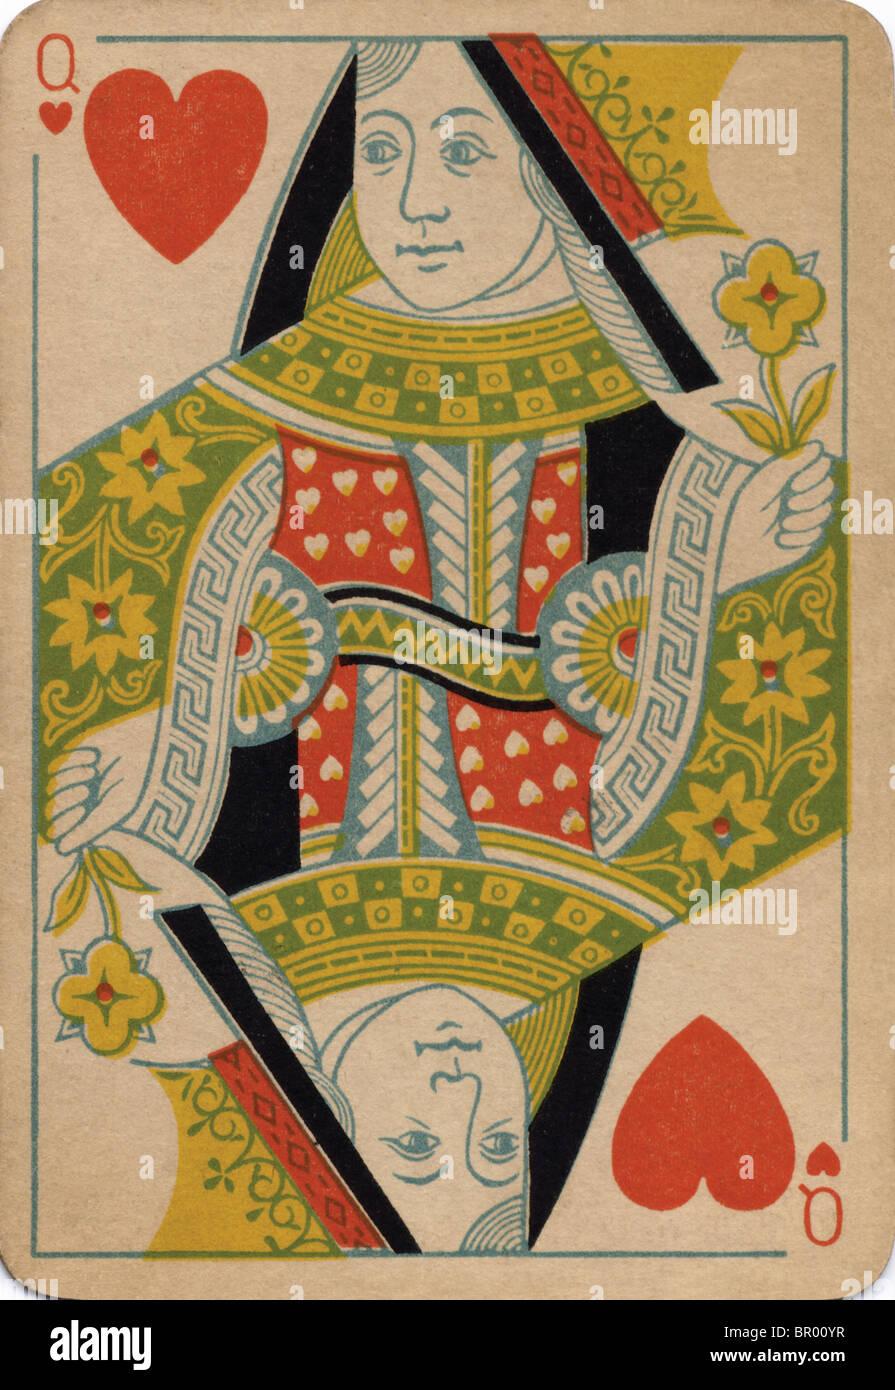 Königin der Herzen Vintage Spielkarte Stockbild